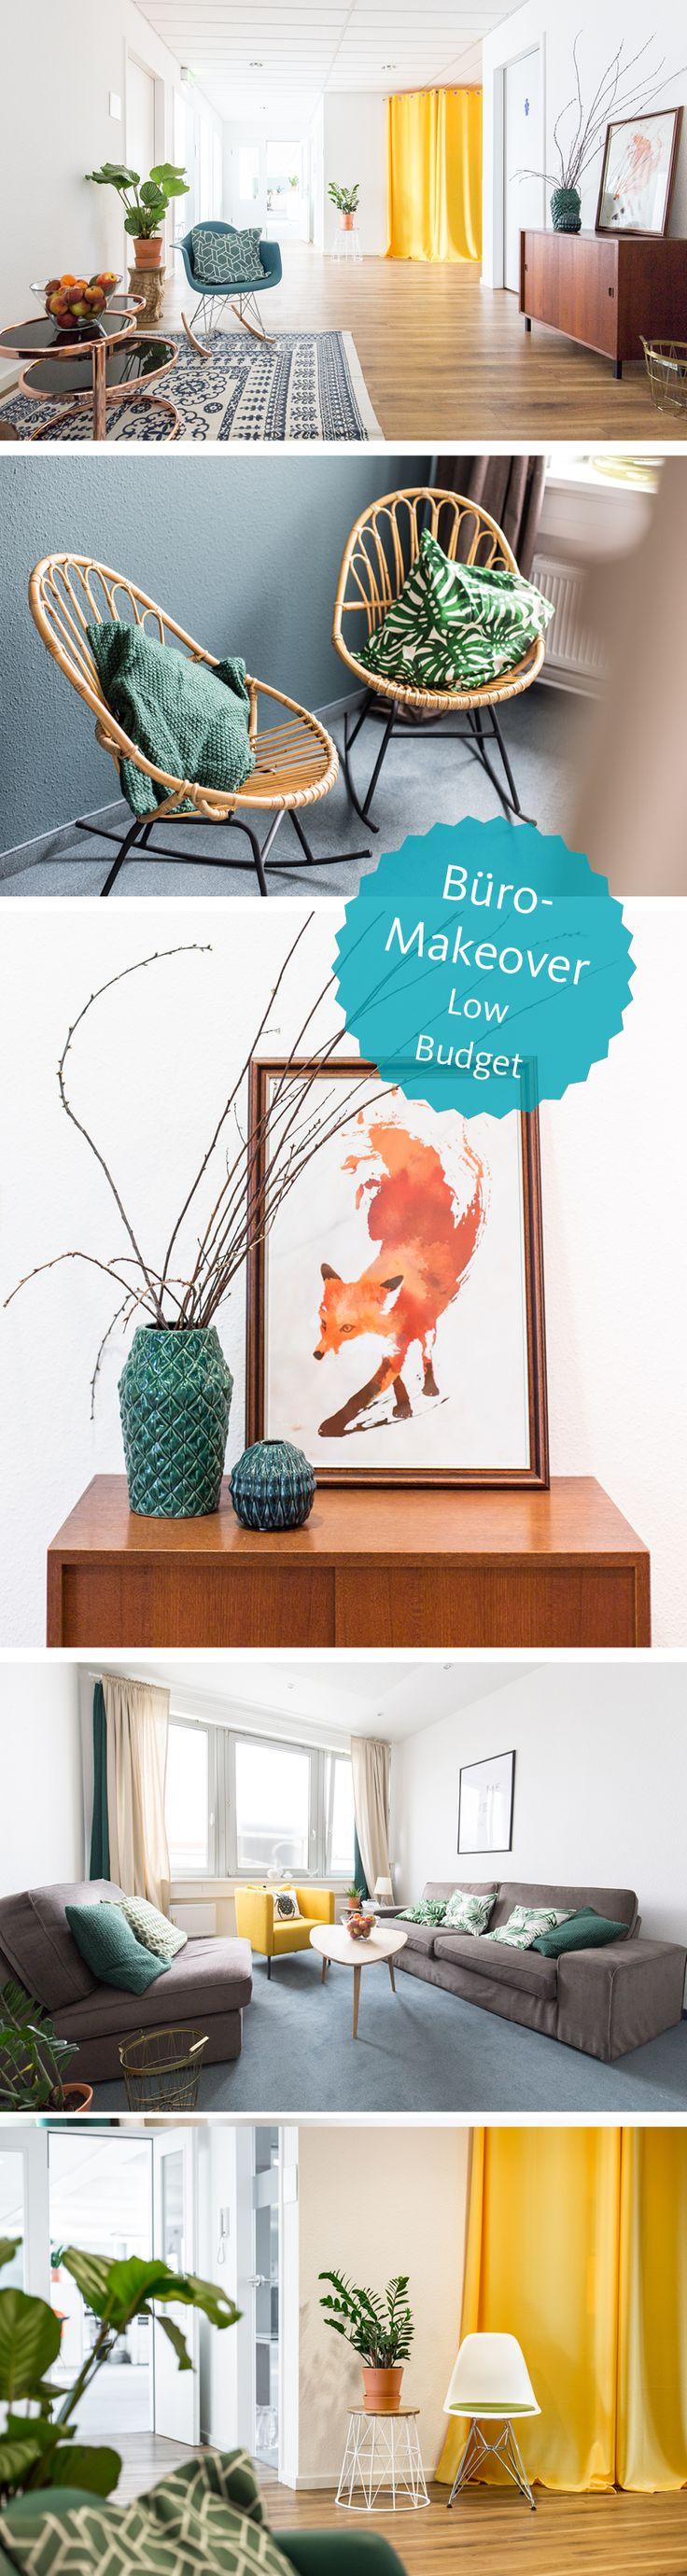 Kleines Budget, Große Wirkung: Unser Büro Makeover Mit InDecorate